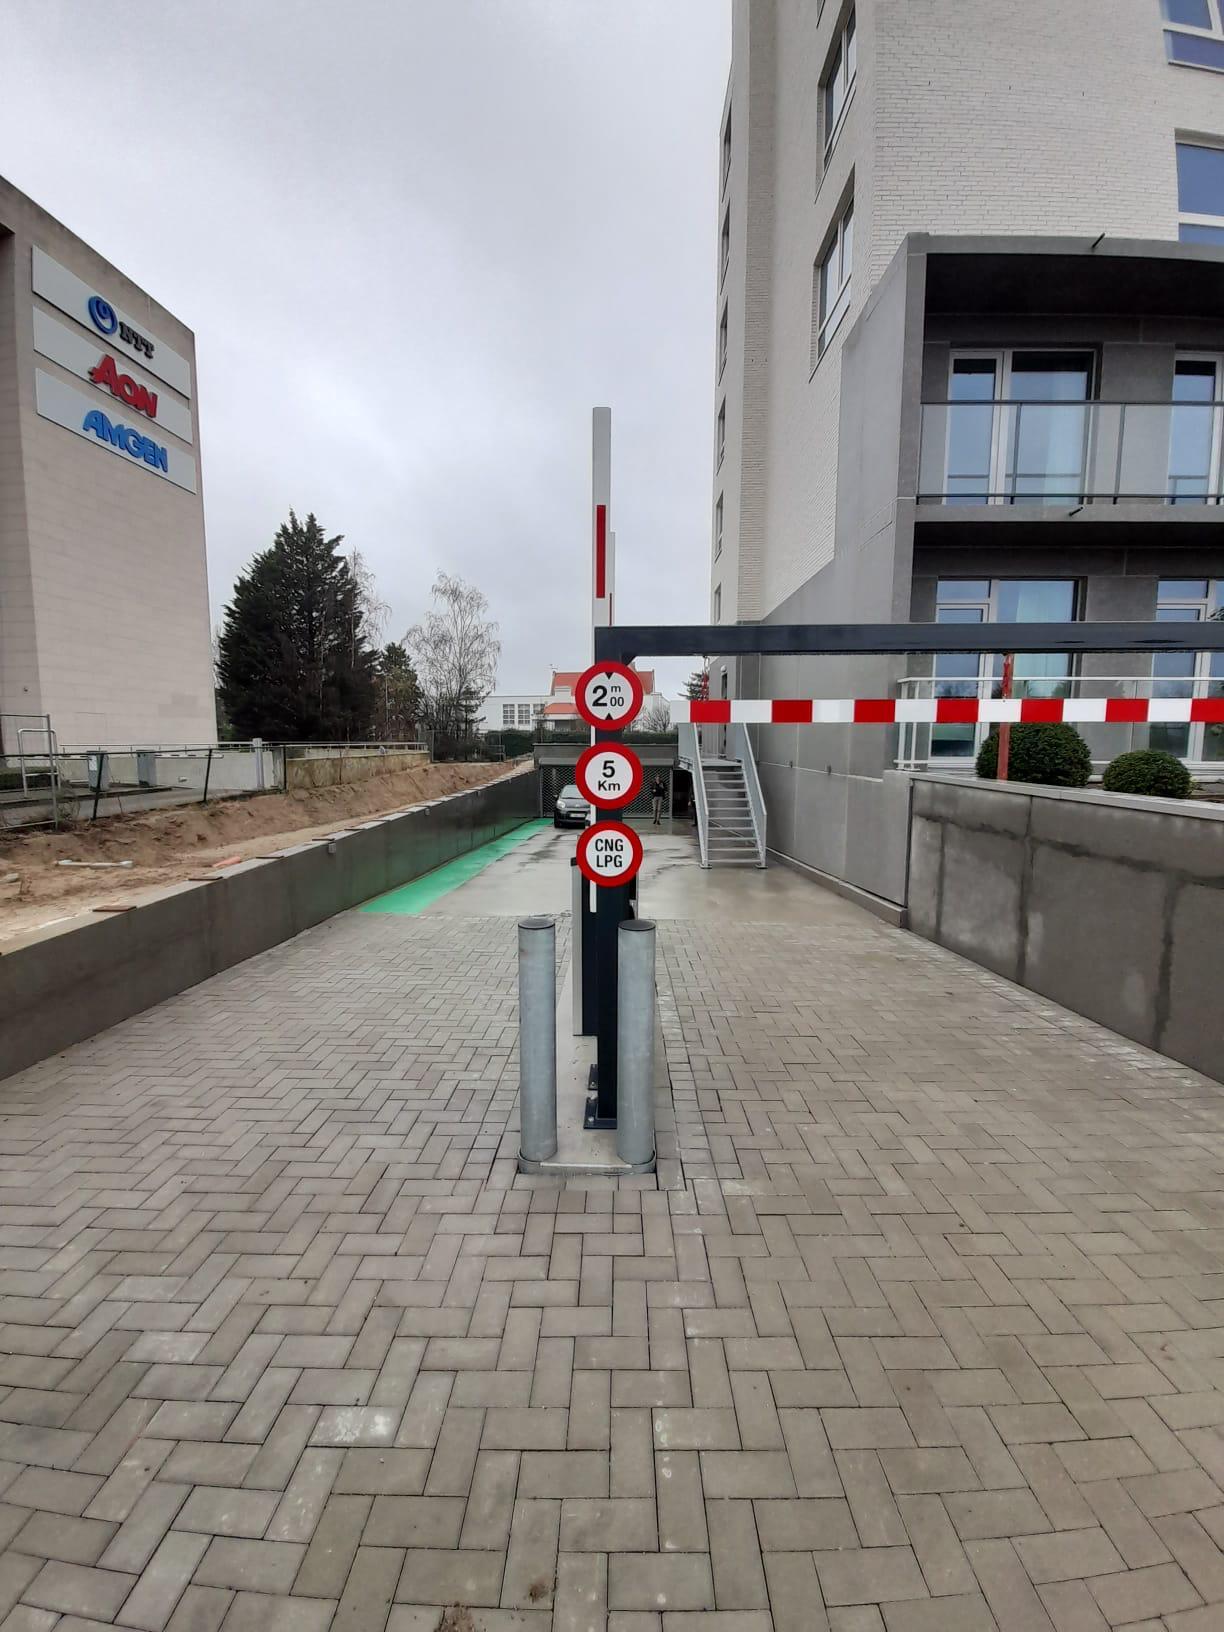 Buitenbelijning wandelpad naar ondergrondse parking en verkeersuitrusting aanrijbeveiliging hoogtebegrenzer, verkeersborden en stootpalen door Actual Sign, member of the Remotec Group